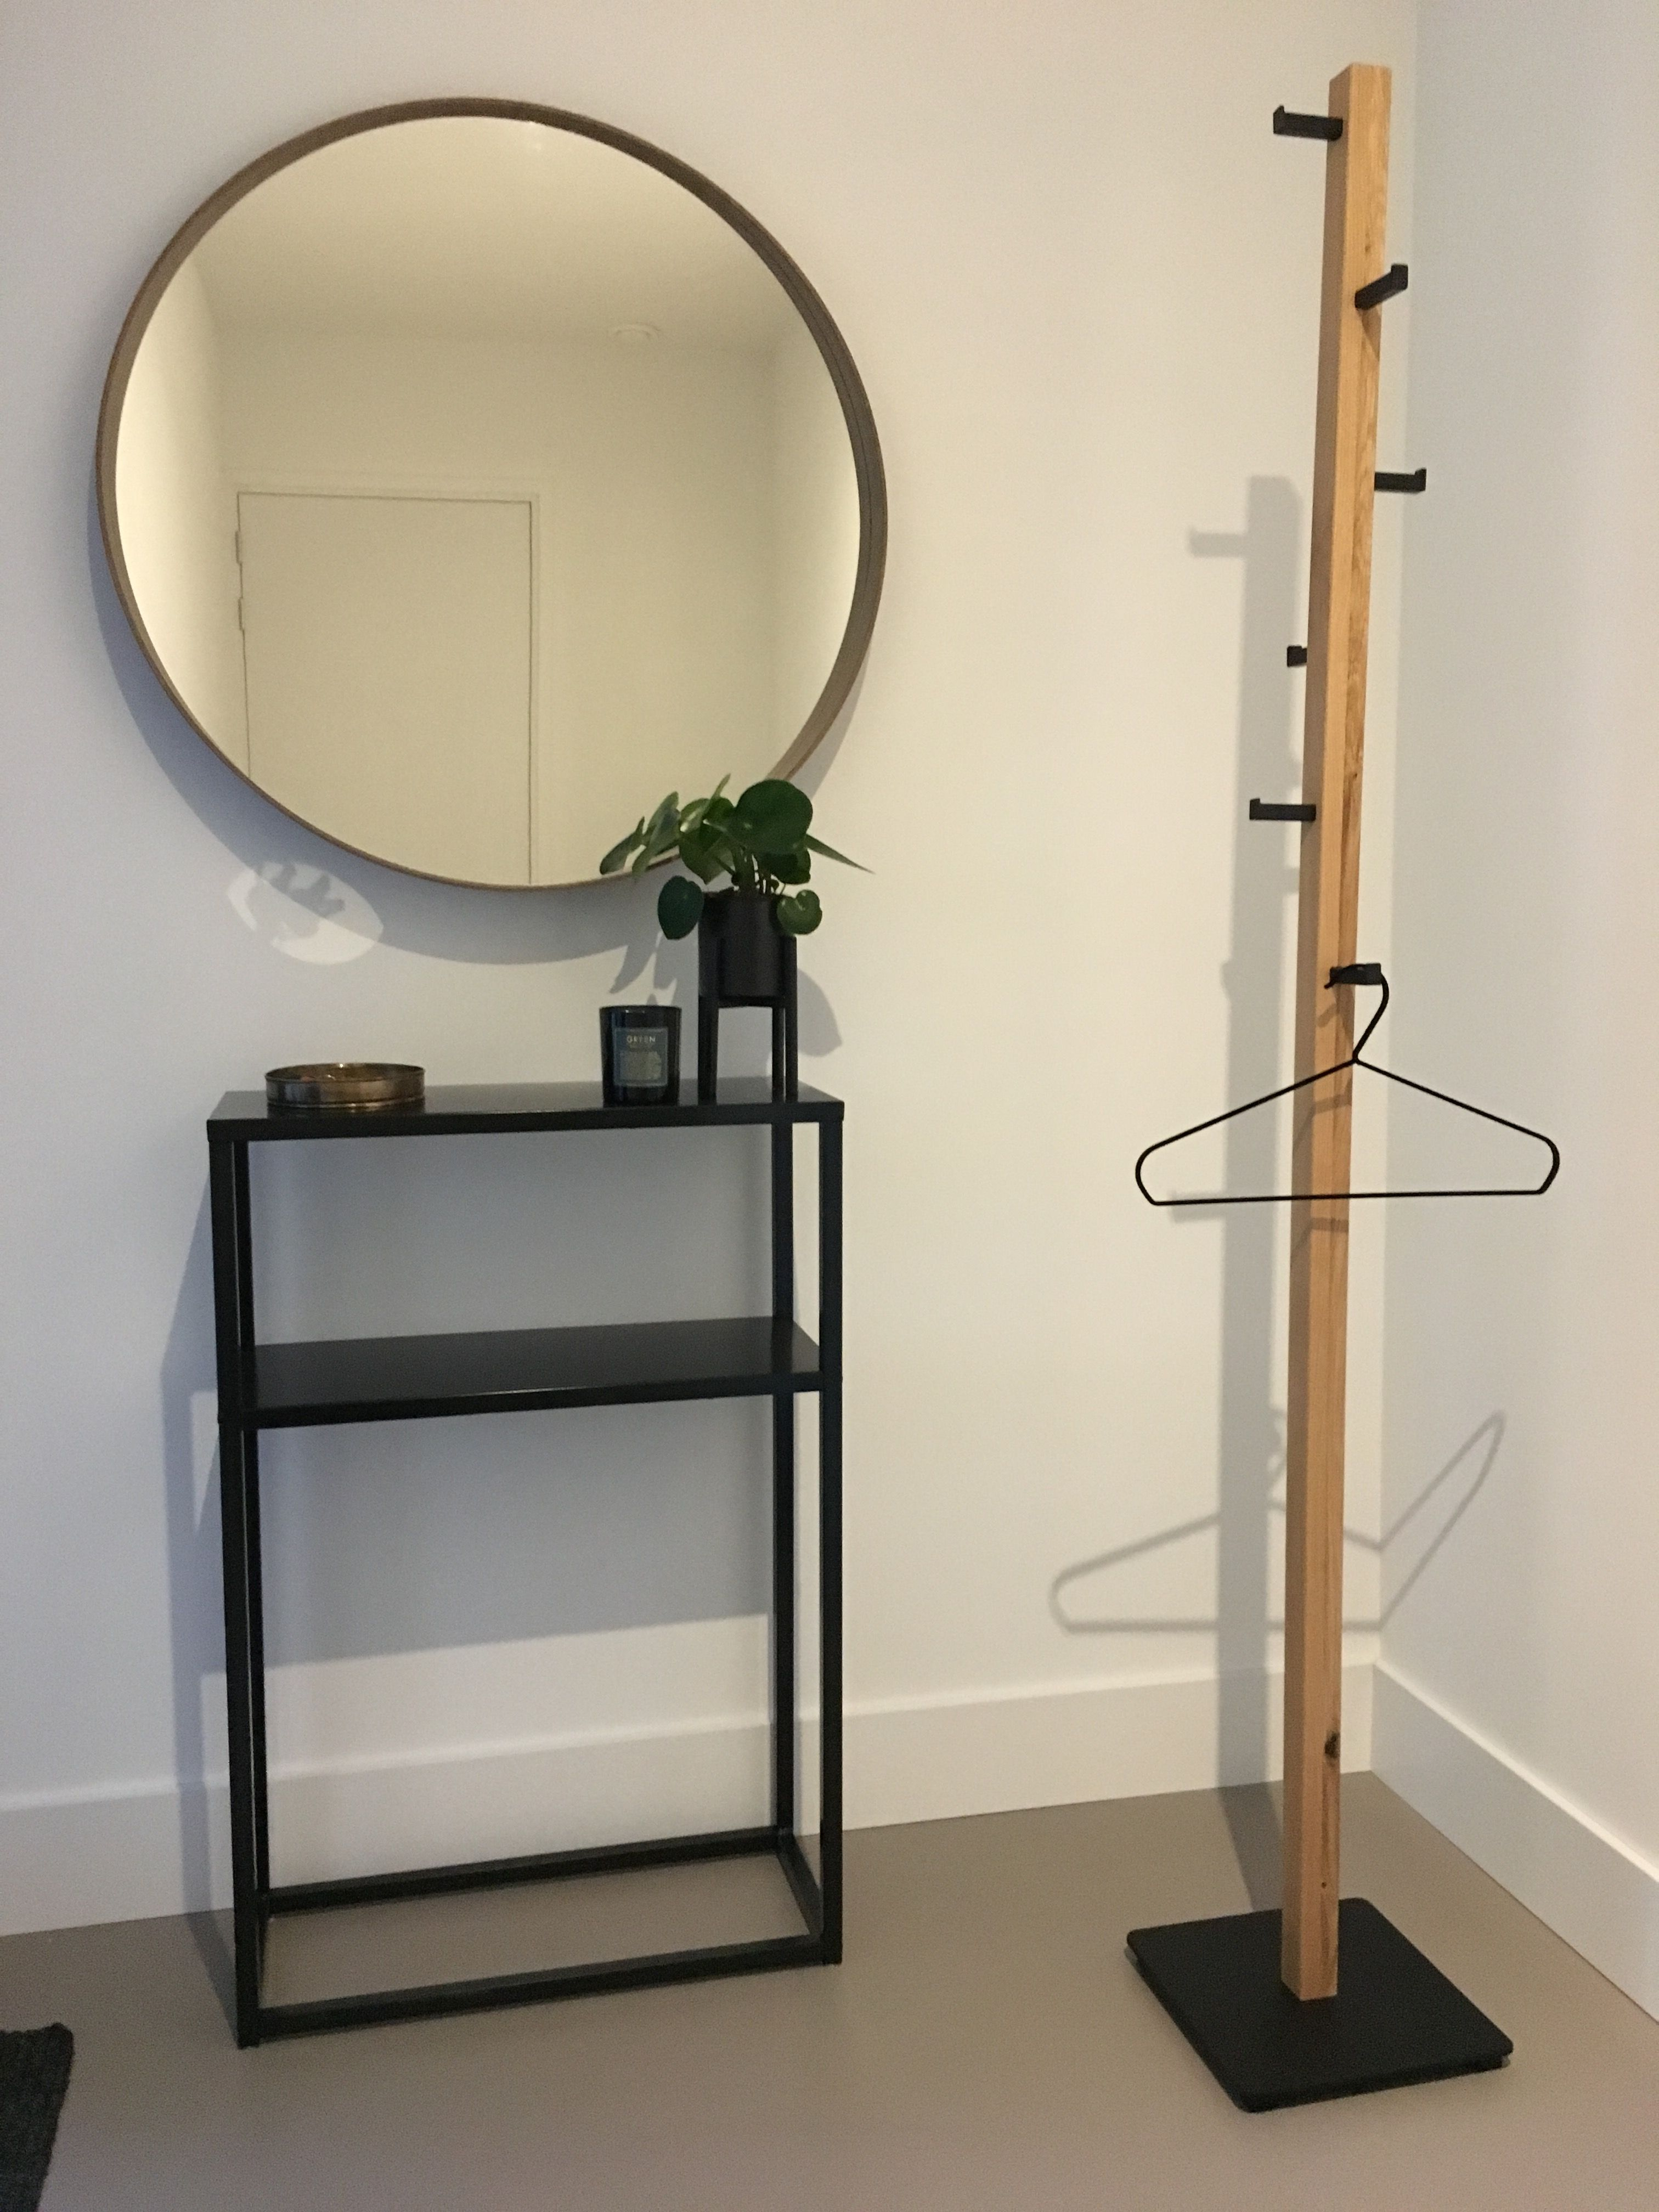 Staande Kapstok Bijkeuken Hal Ideeen Grote Spiegel Ikea Interieur Ideeen Staande Spiegel Spiegel